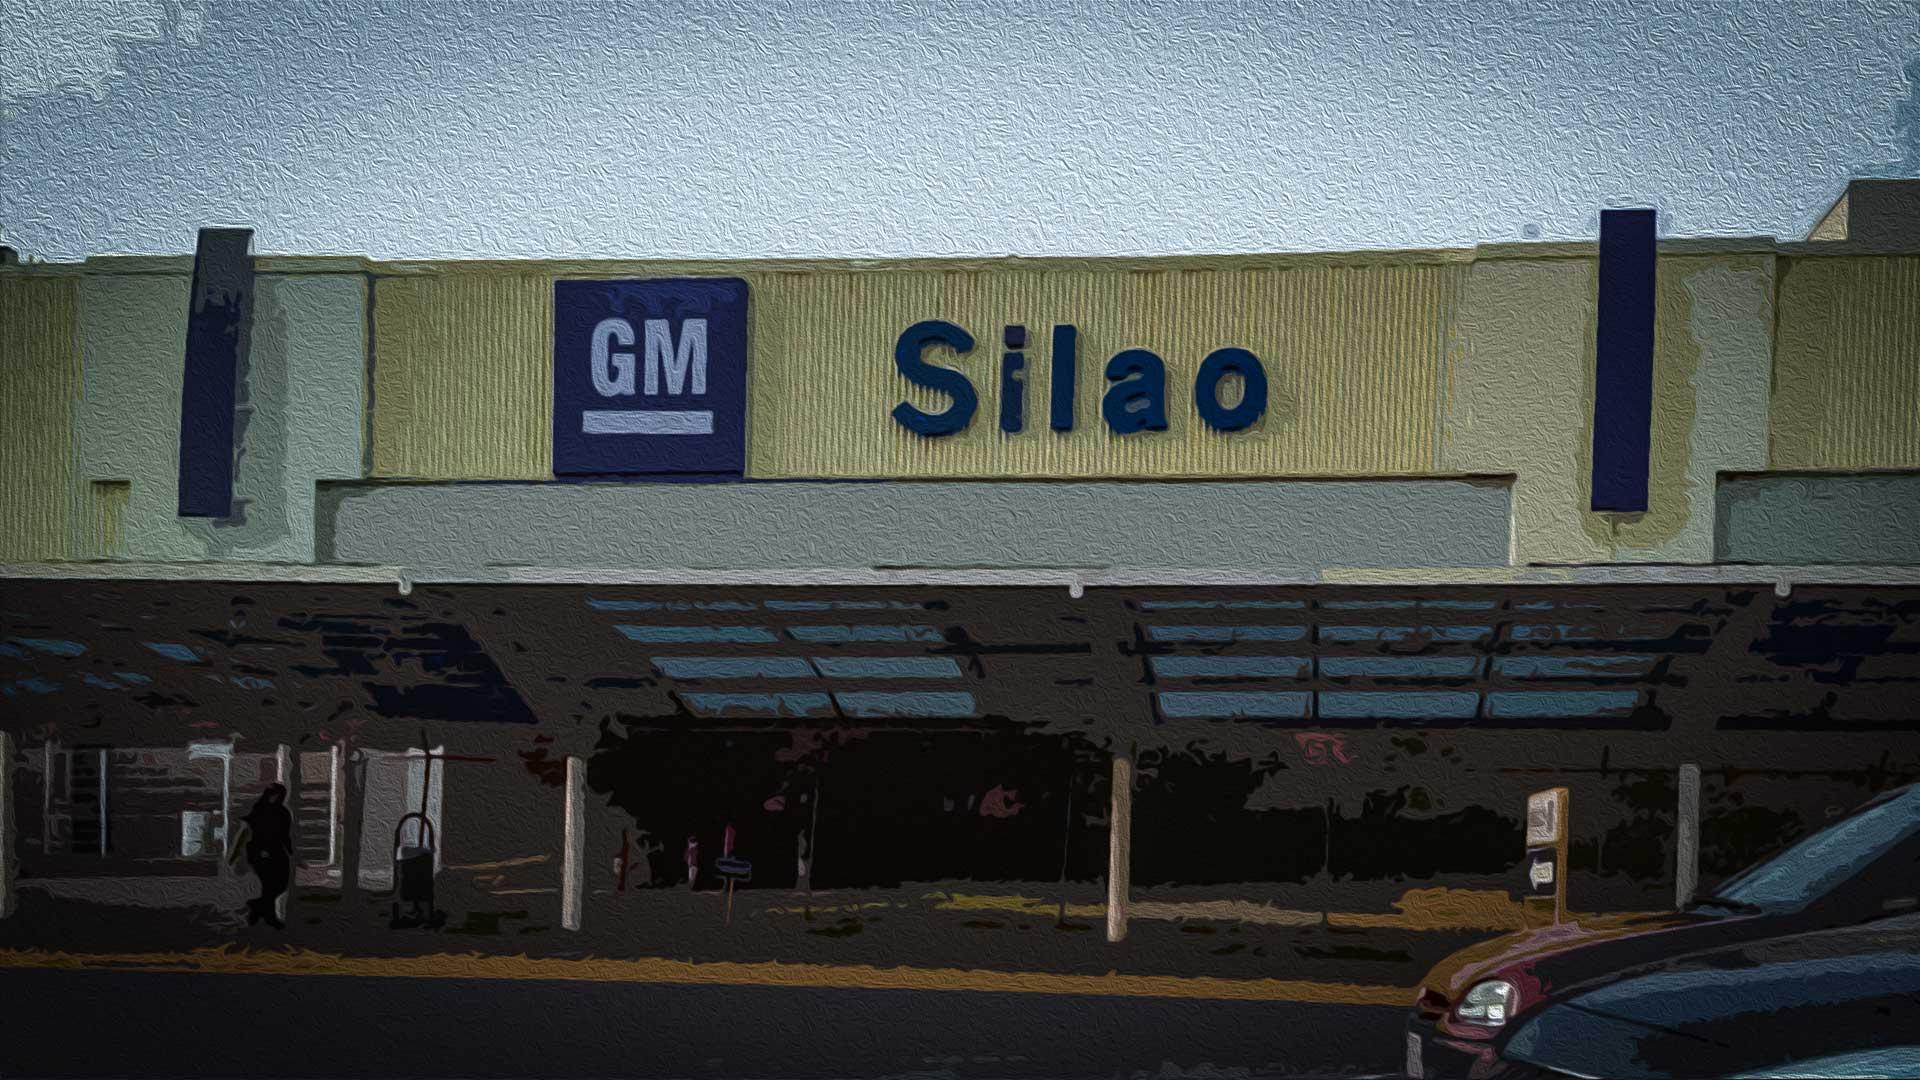 Presumen automotrices recuperación, pero GM desprotege a sus trabajadores frente al COVID (Guanajuato)